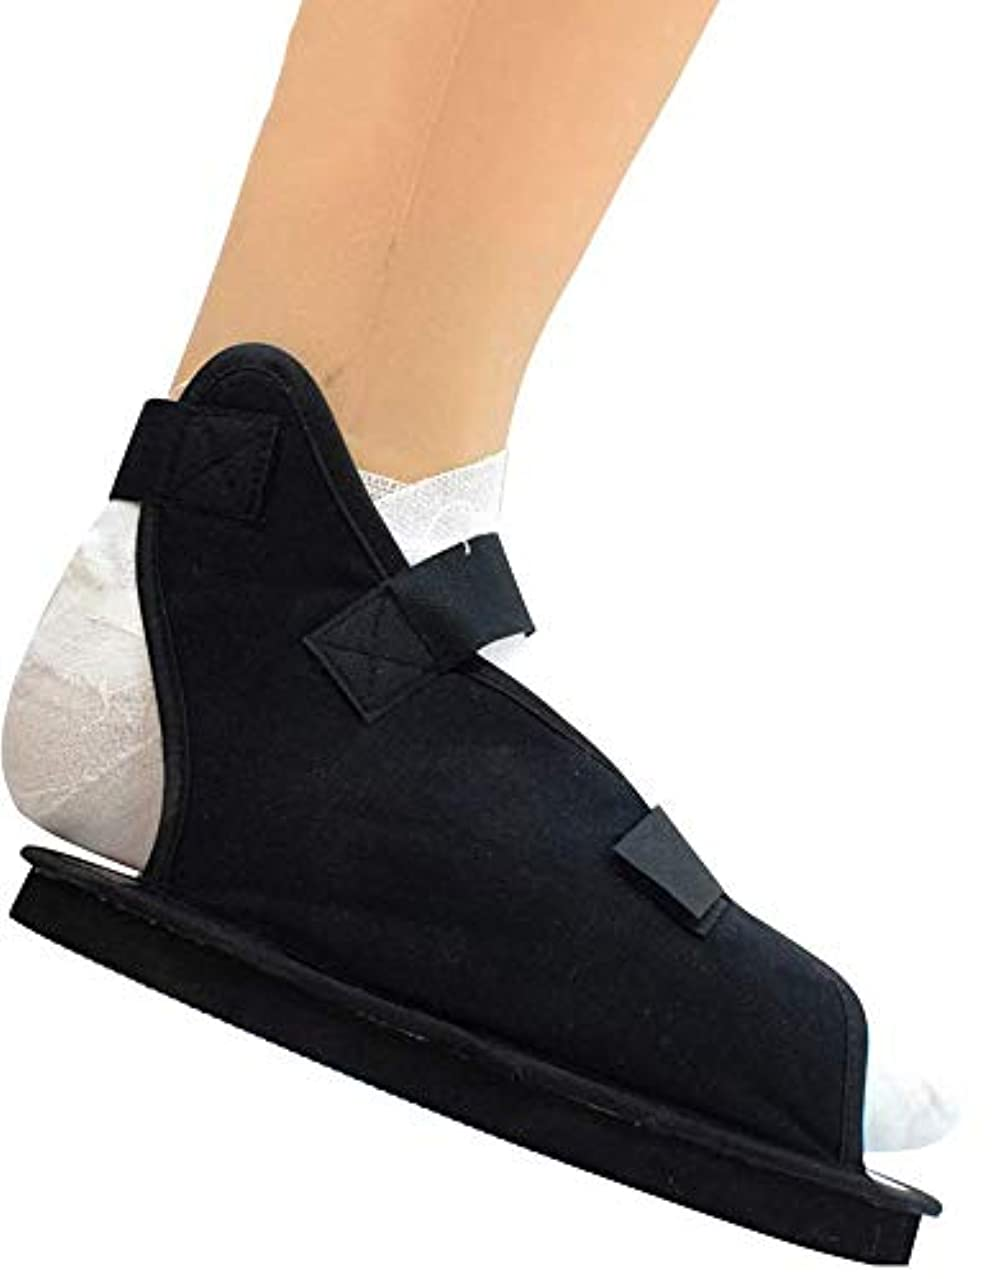 大聖堂石炭画像骨折したつま先/足の骨折のための術後靴 - 男性と女性のための医療/外科用ウォーキングシューズキャストブーツ - /調整可能ストラップ付き整形外科サンダル,XL